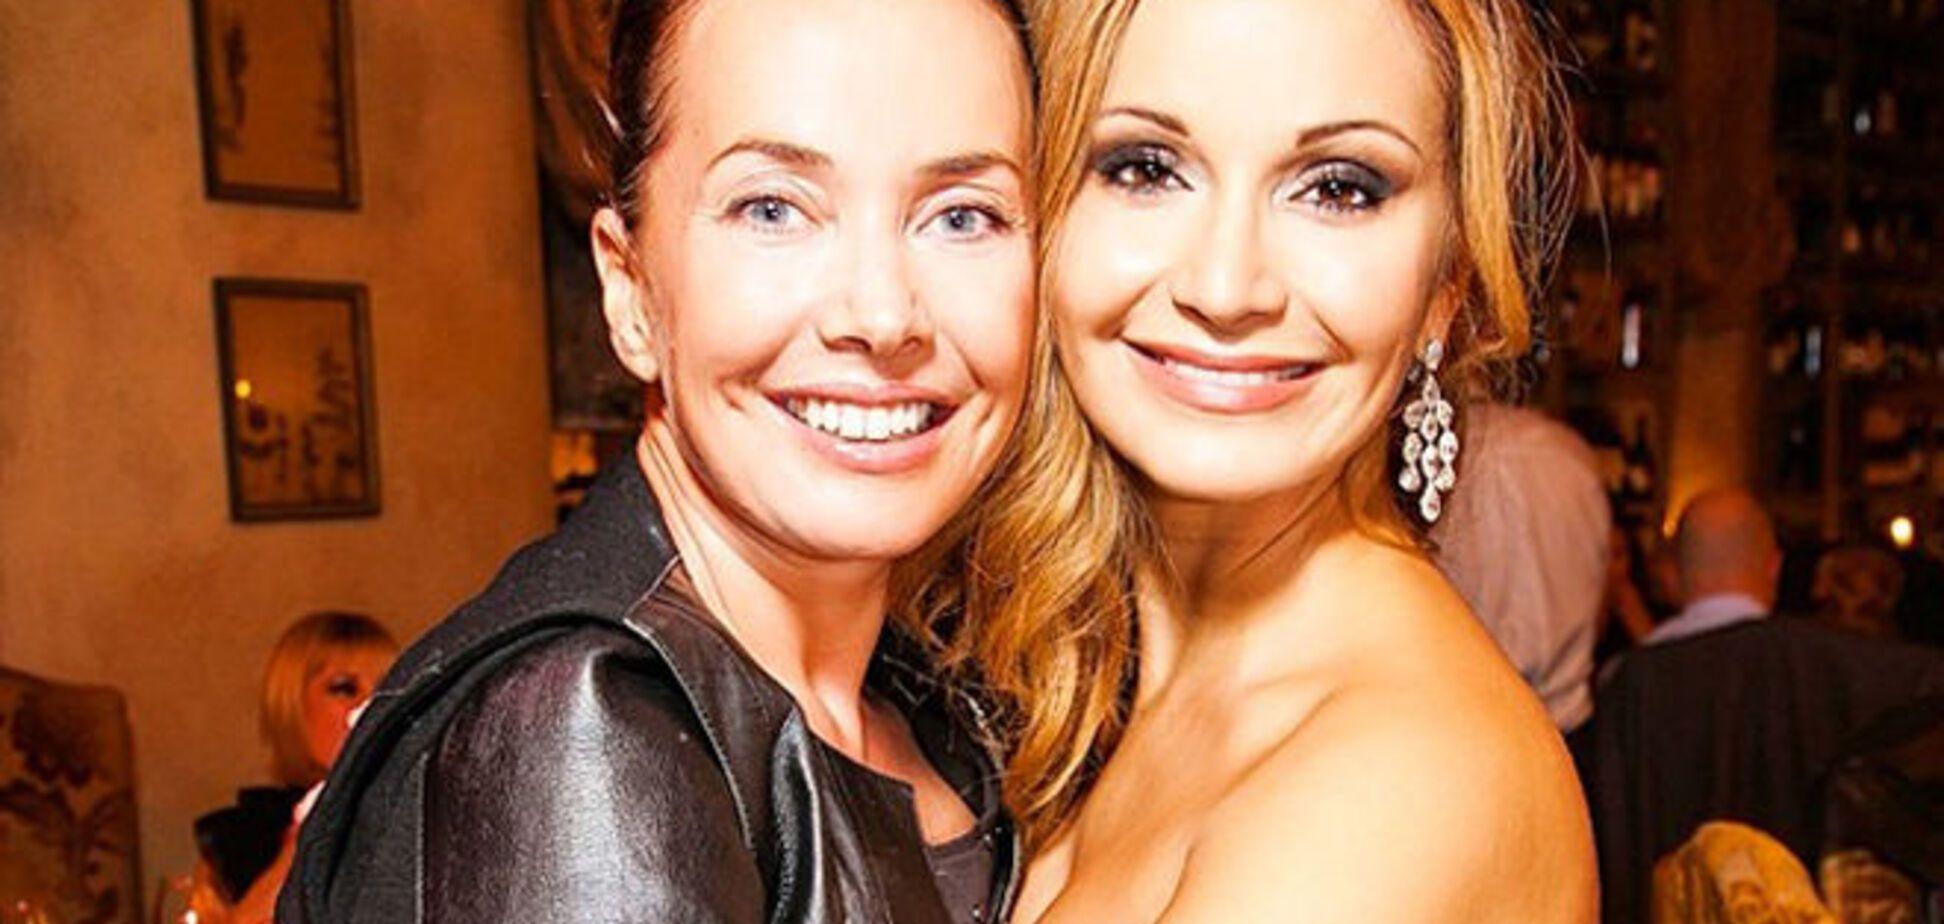 Ольга Орлова посвятила Жанне Фриске песню о настоящей дружбе